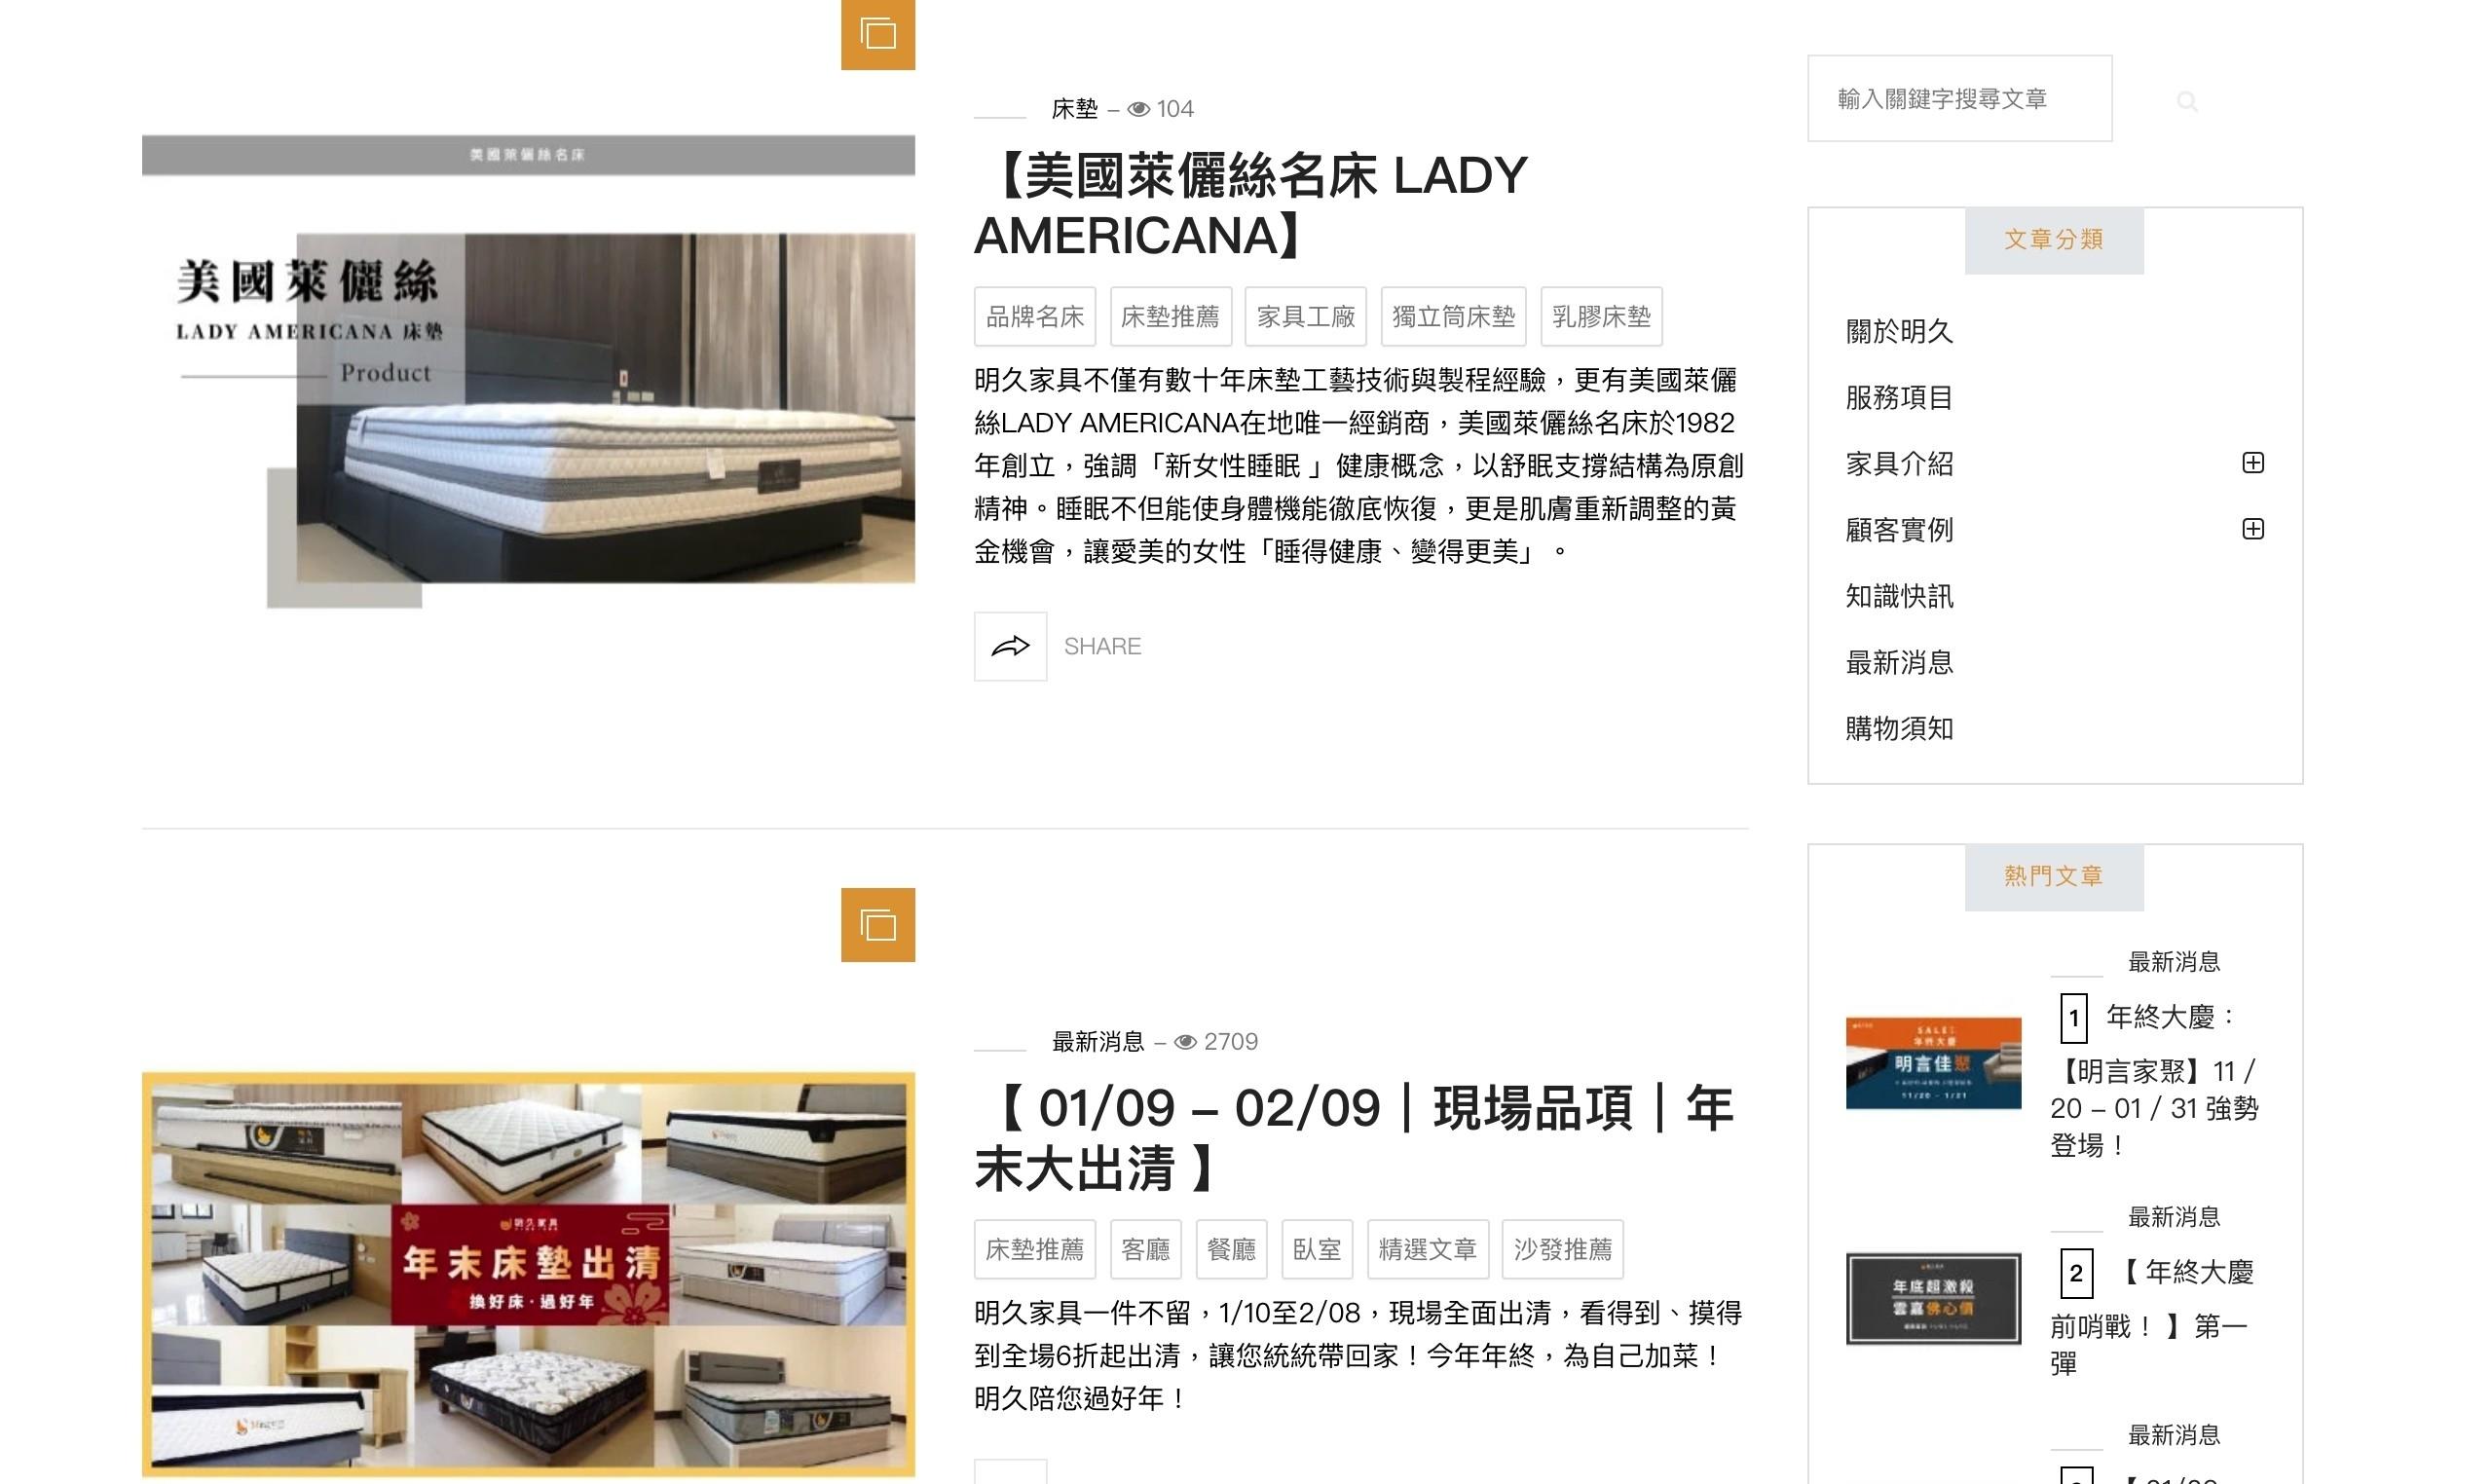 嘉義SEO網頁設計成功案例-內容行銷部落格|明久家具-嘉義沙發、床墊工廠推薦品牌